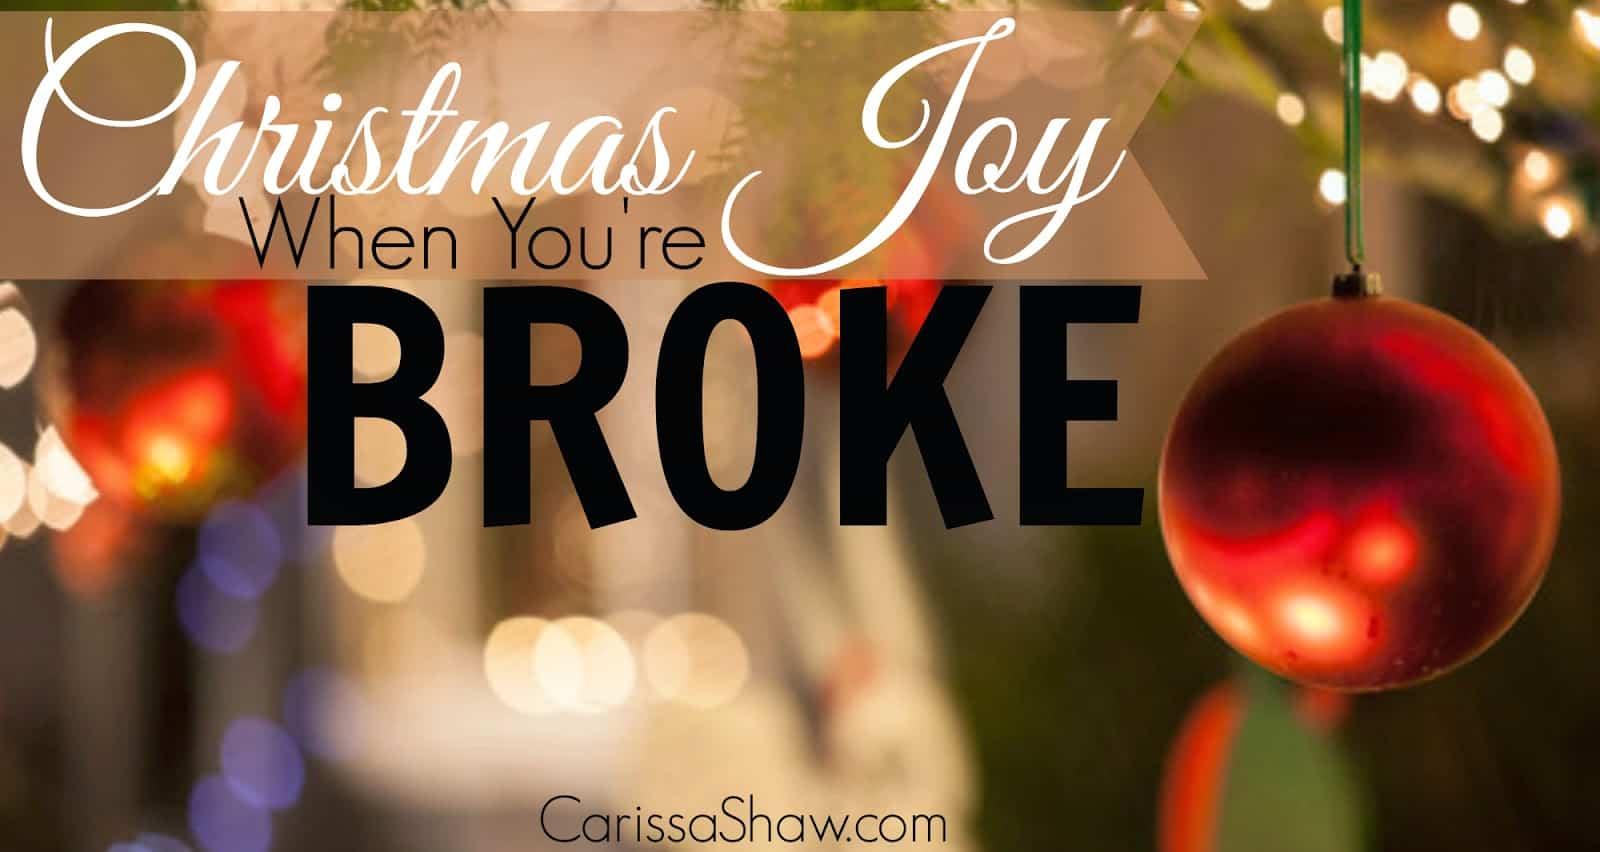 The christmas time lyrics